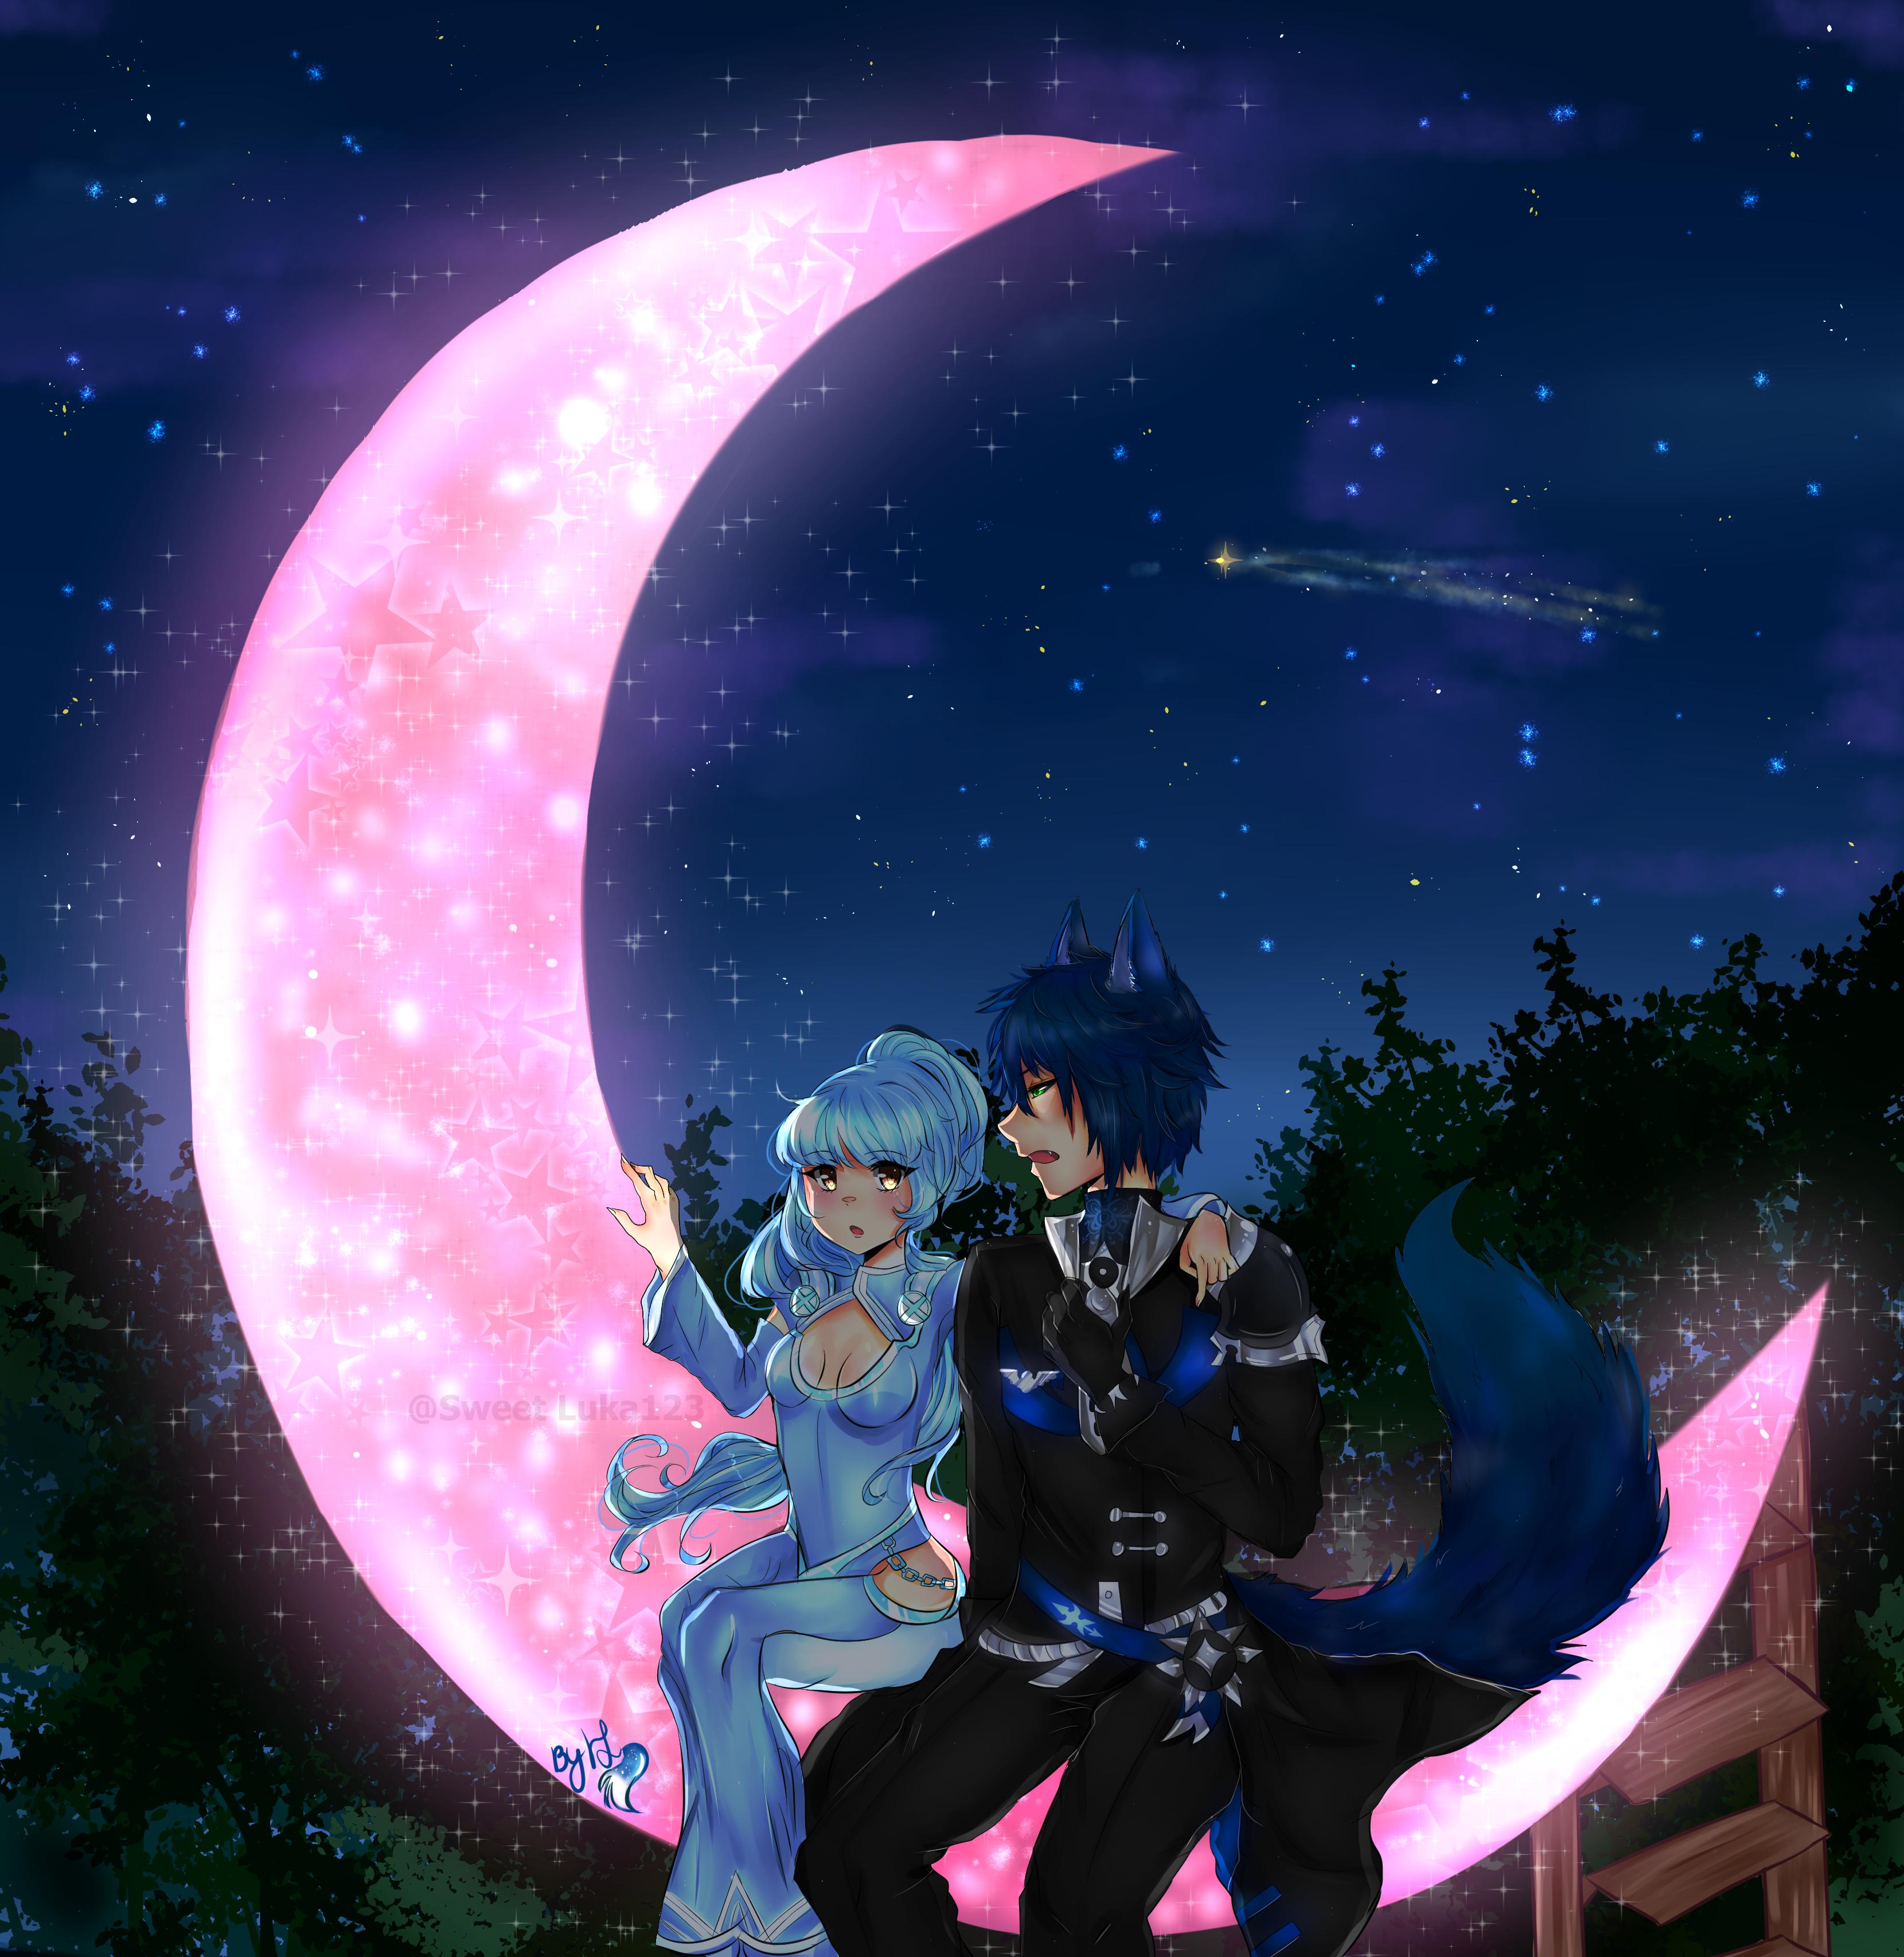 Luna_moon_art_2_by_VL_sweet_Luka123.png